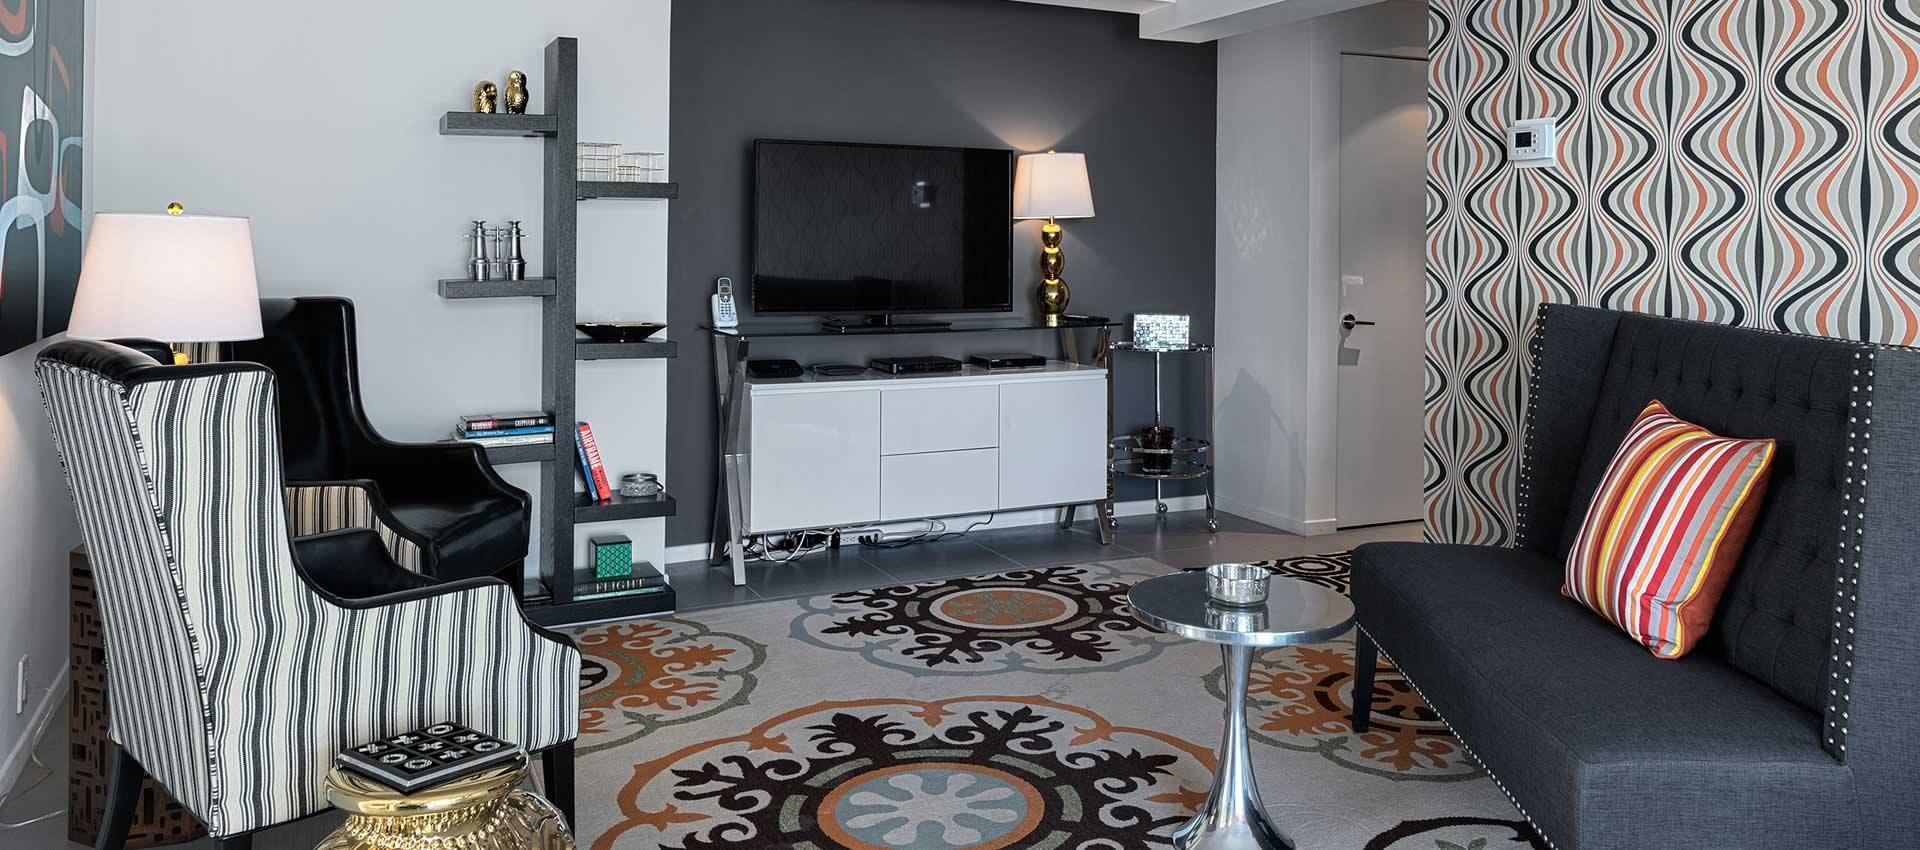 twist-hotel-room219-frontroom